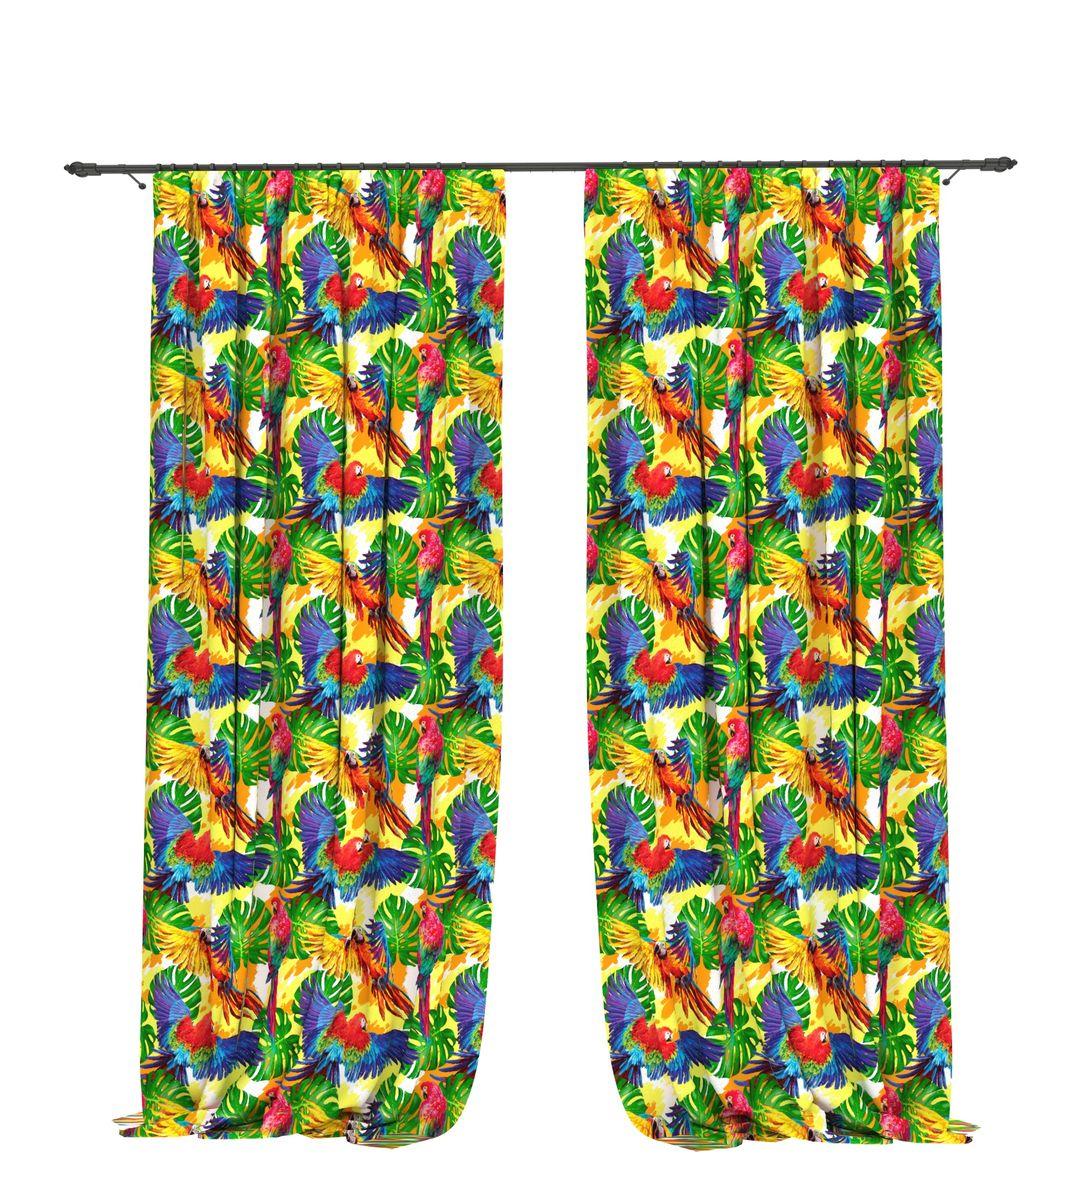 Комплект фотоштор Bellino Home Амазоны, высота 260 см. 05519-ФШ-ГБ-00105519-ФШ-ГБ-001Комплект фотоштор BELLINO HOME, коллекция Тропики. Рожденный вдоль экватора тропический стиль смешивает множество культур и традиций в единое целое. Эта коллекция подобно котлу, в котором варятся туземные материалы, элегантная простота, экзотические мотивы и море солнечного света. Будто бы вечные каникулы: здесь замедляется время и замирает суета мегаполиса. Богатое разнообразие флоры и фауны способно преобразить атмосферу любого интерьера. Крепление на карниз при помощи шторной ленты на крючки. В комплекте: Портьера: 2 шт. Размер (ШхВ): 145 см х 260 см. Рекомендации по уходу: стирка при 30 градусах гладить при температуре до 150 градусов Изображение на мониторе может немного отличаться от реального.